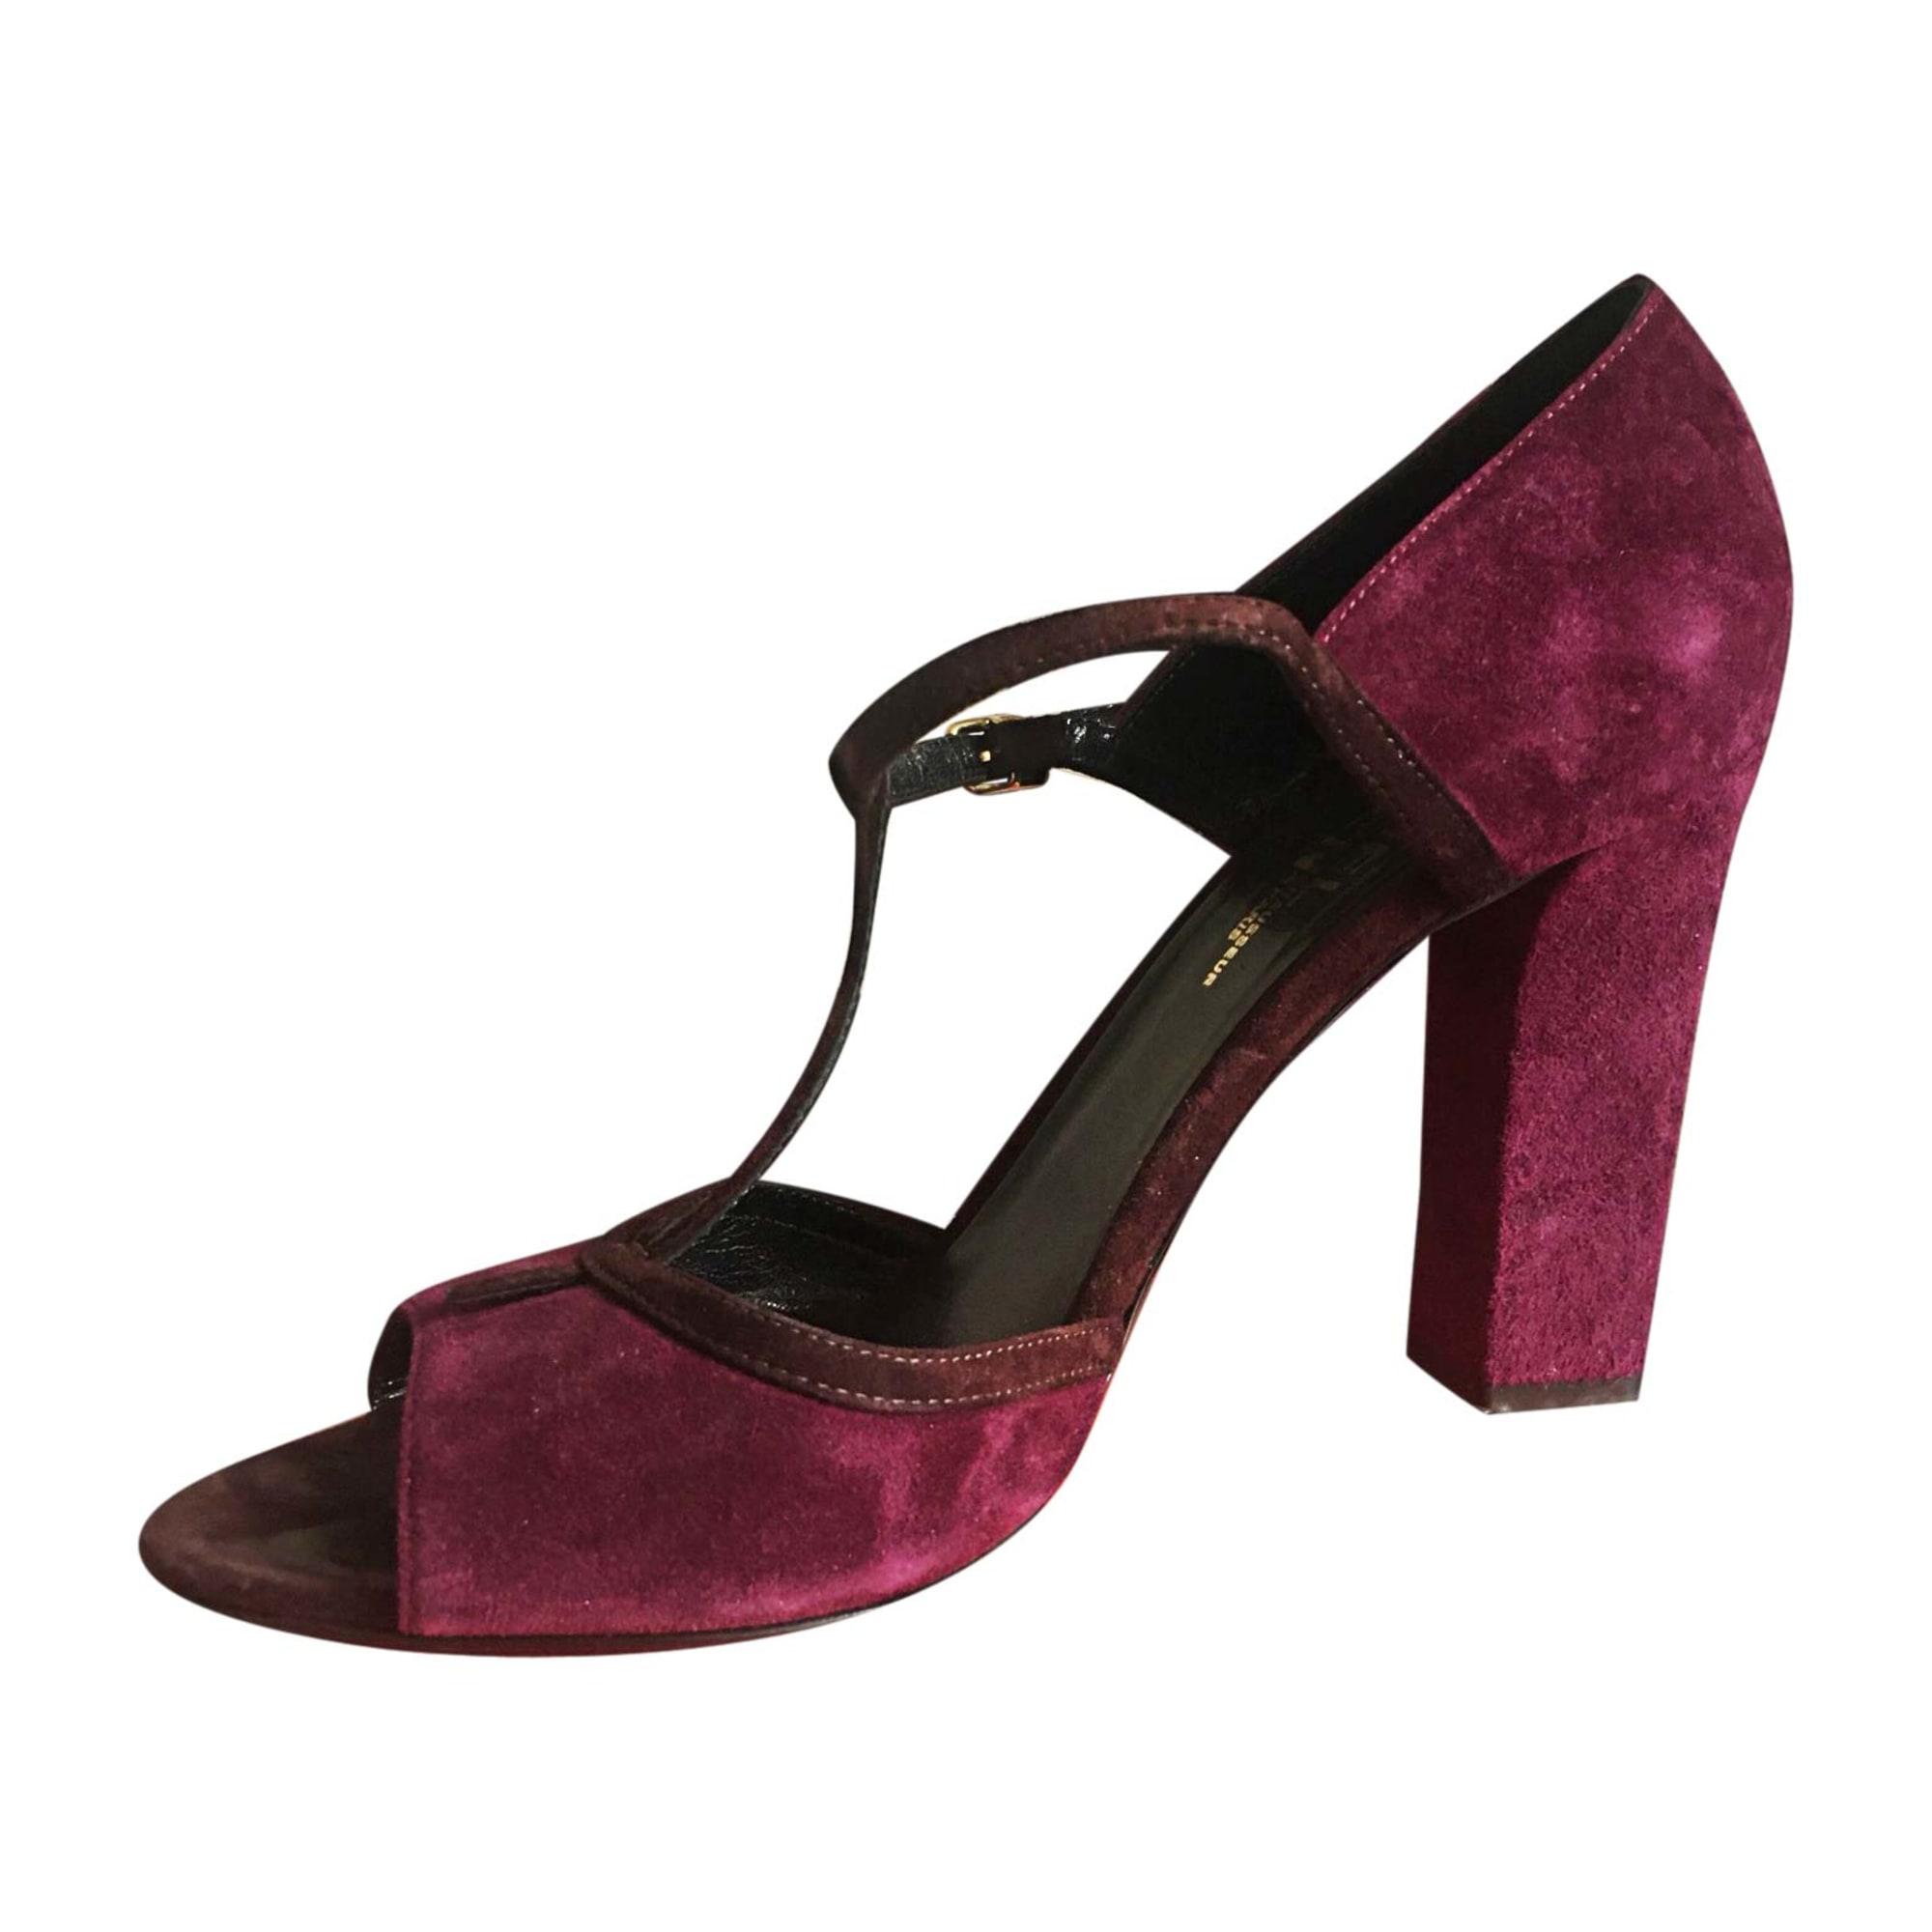 Sandales à talons MICHEL VIVIEN Violet, mauve, lavande